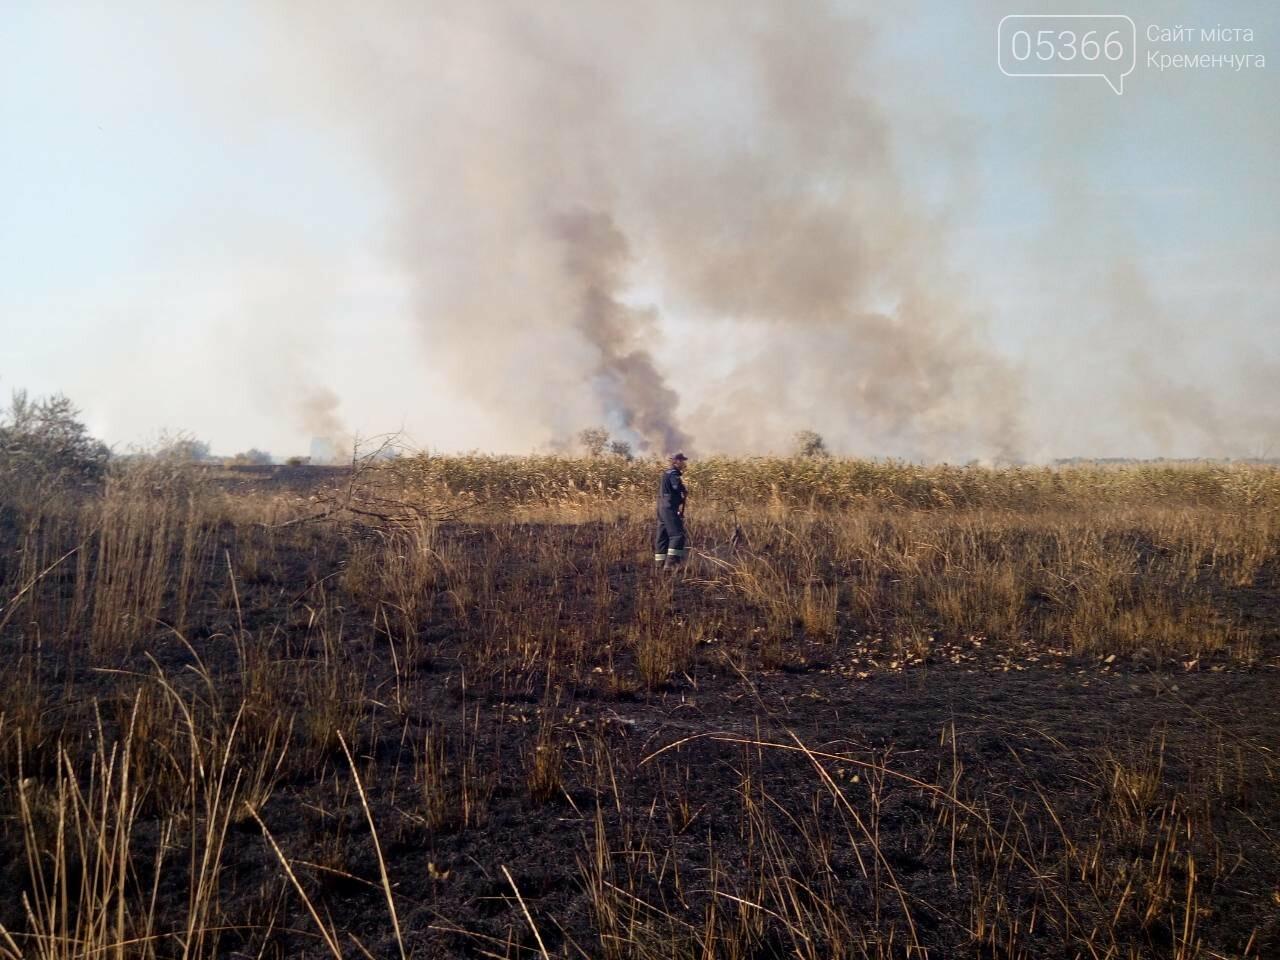 У Кременчуцькому районі горіло 43 гектари сухої рослинності: рятувальники виявили труп, фото-7